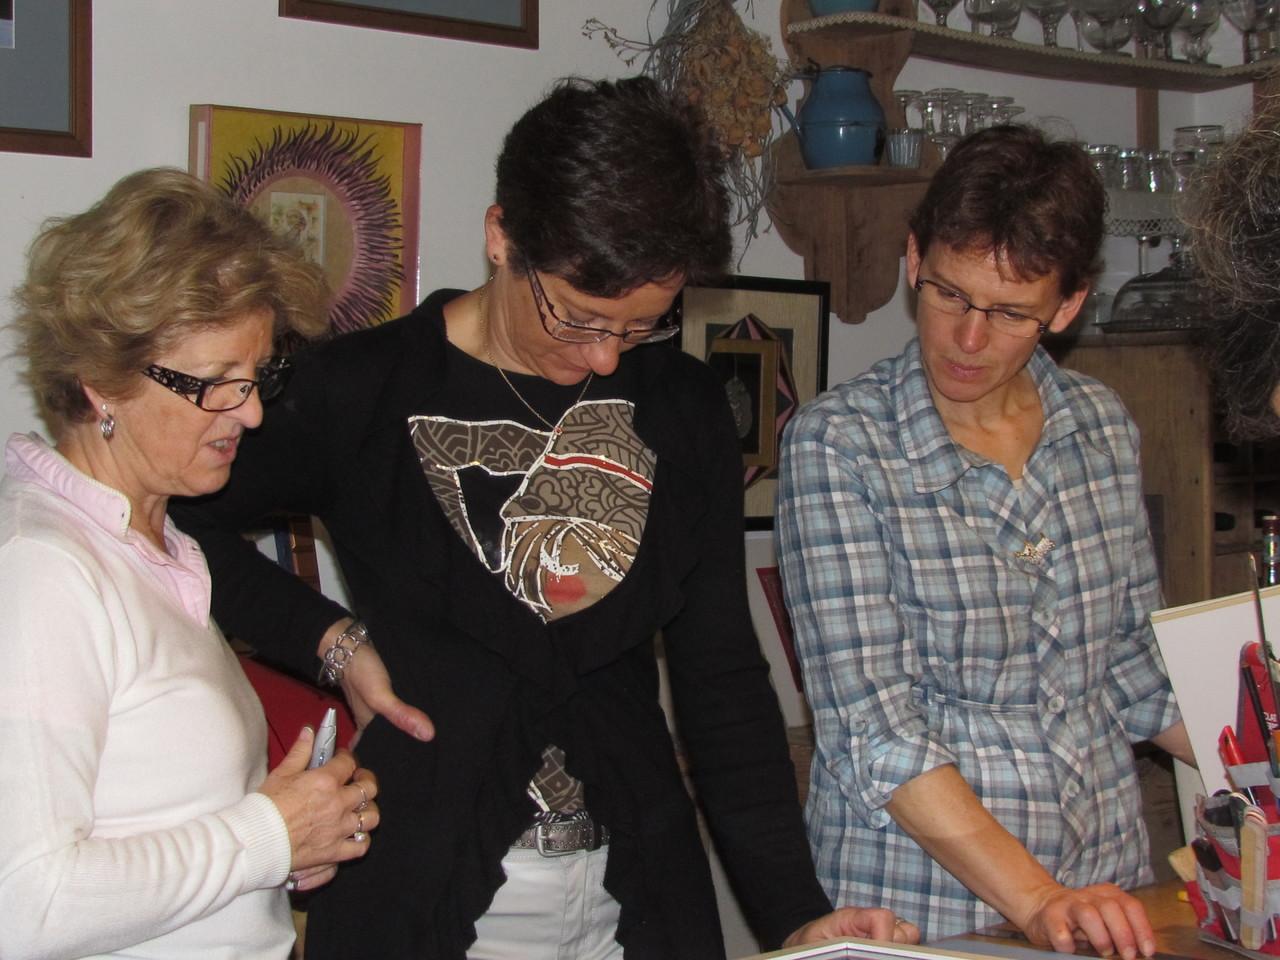 les 3 complices christiane, sylvie et notre petite charlène